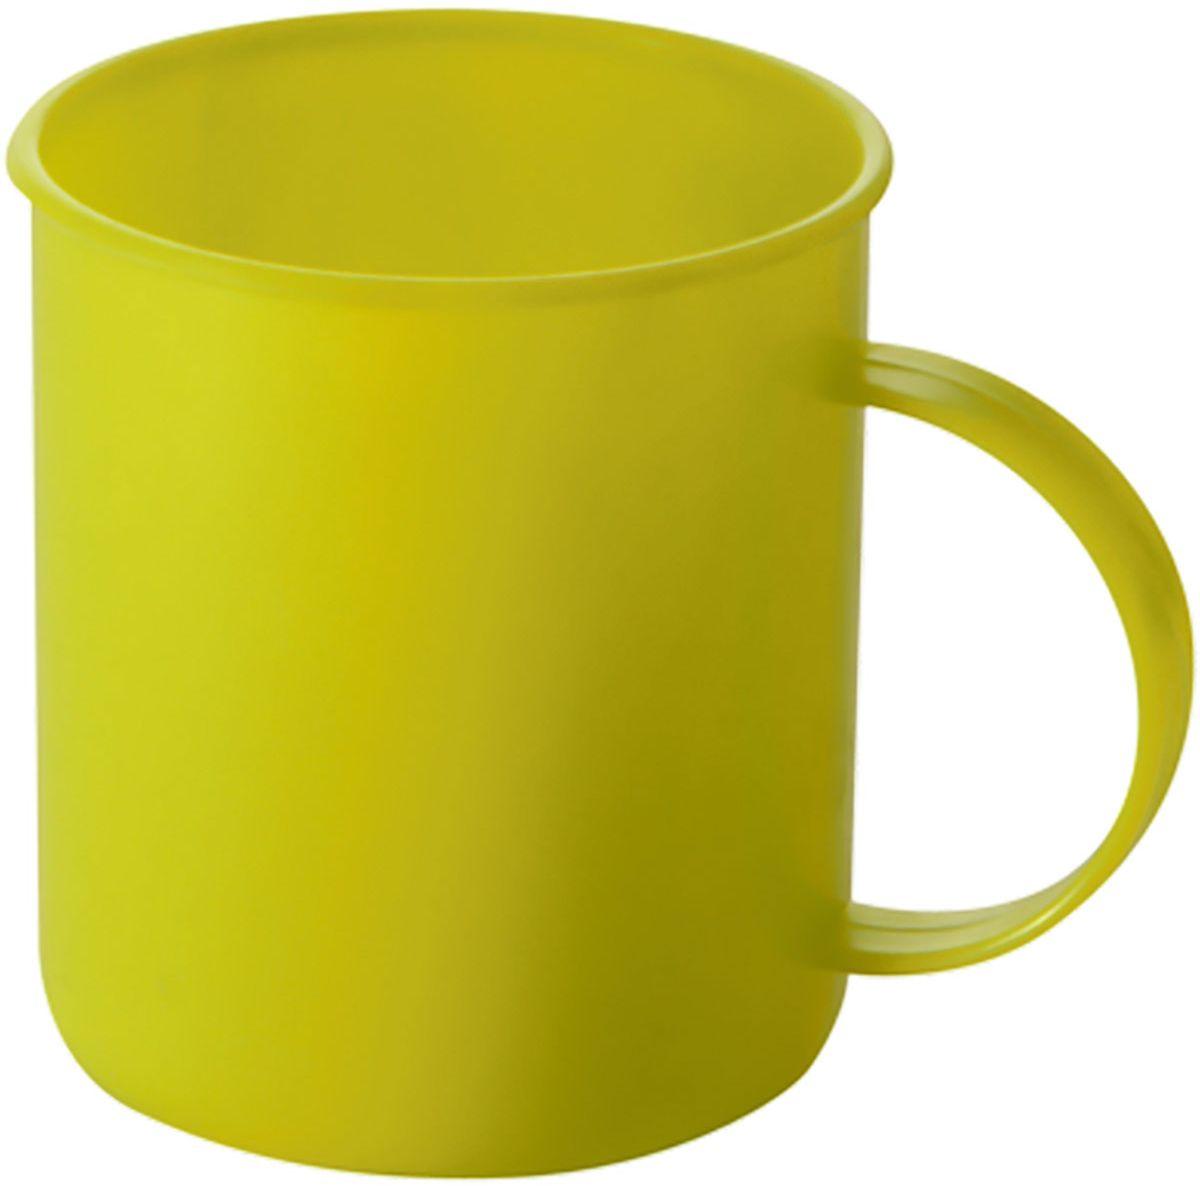 Кружка Plastic Centre Счастье, цвет: желтый, 300 мл115510Кружка Plastic Centre Счастье прекрасно подойдет для дачи, пикника или поездки в поезде. Легкую кружку удобно взять с собой на природу. Прочный пластик подходит для многократного использования.Объем кружки: 300 мл.Размер кружки: 10,5 x 7,8 см.